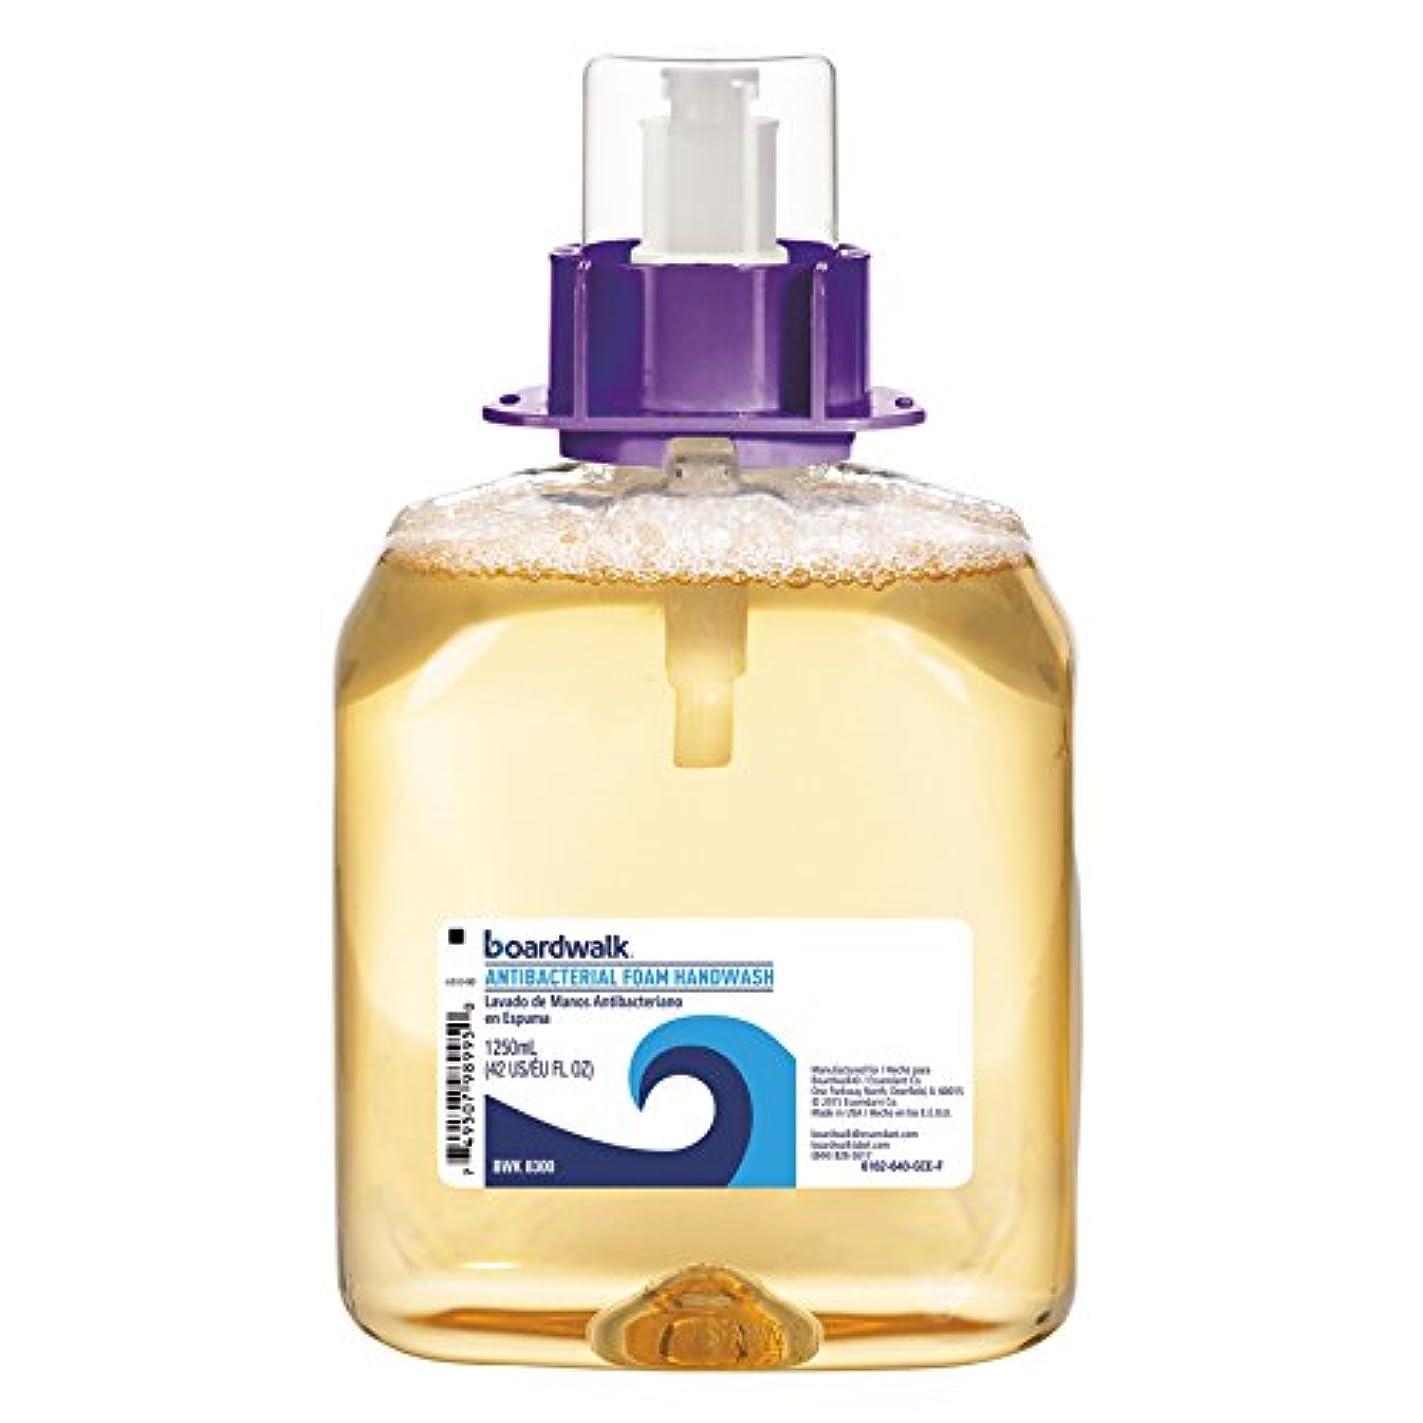 れる杭チャートFoam Antibacterial Handwash, Sweet Pea, 1250ml Refill, 4 per Carton (並行輸入品)